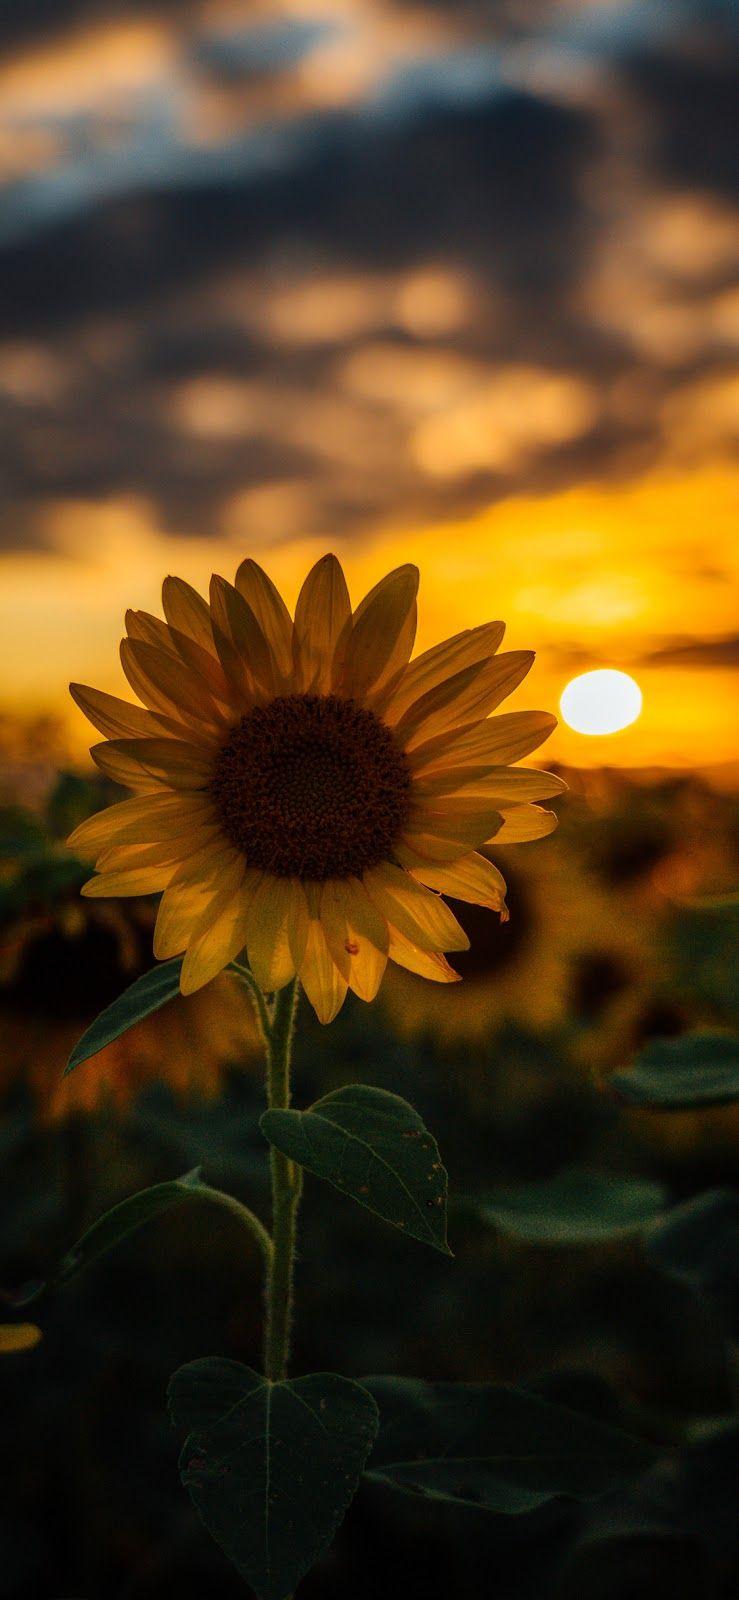 Sunflower Wallpaper Iphone X Tapety Słoneczniki I Tła